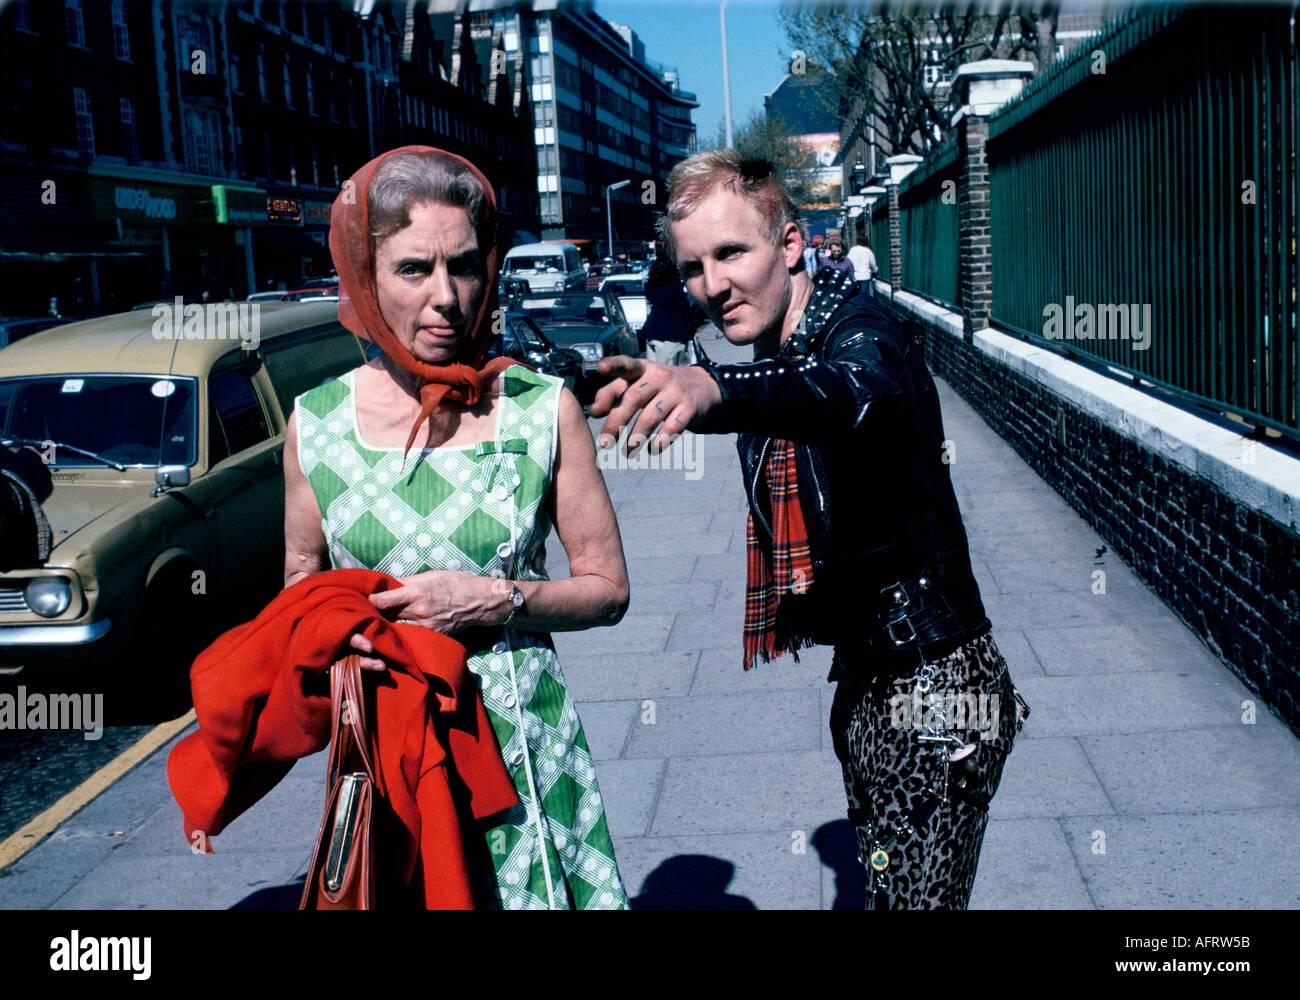 Punk ayudando transeúnte en Kings Road de Londres Chelsea circa 1975. Mujer lengua fuera al fotógrafo 1970 UK HOMER SYKES Imagen De Stock